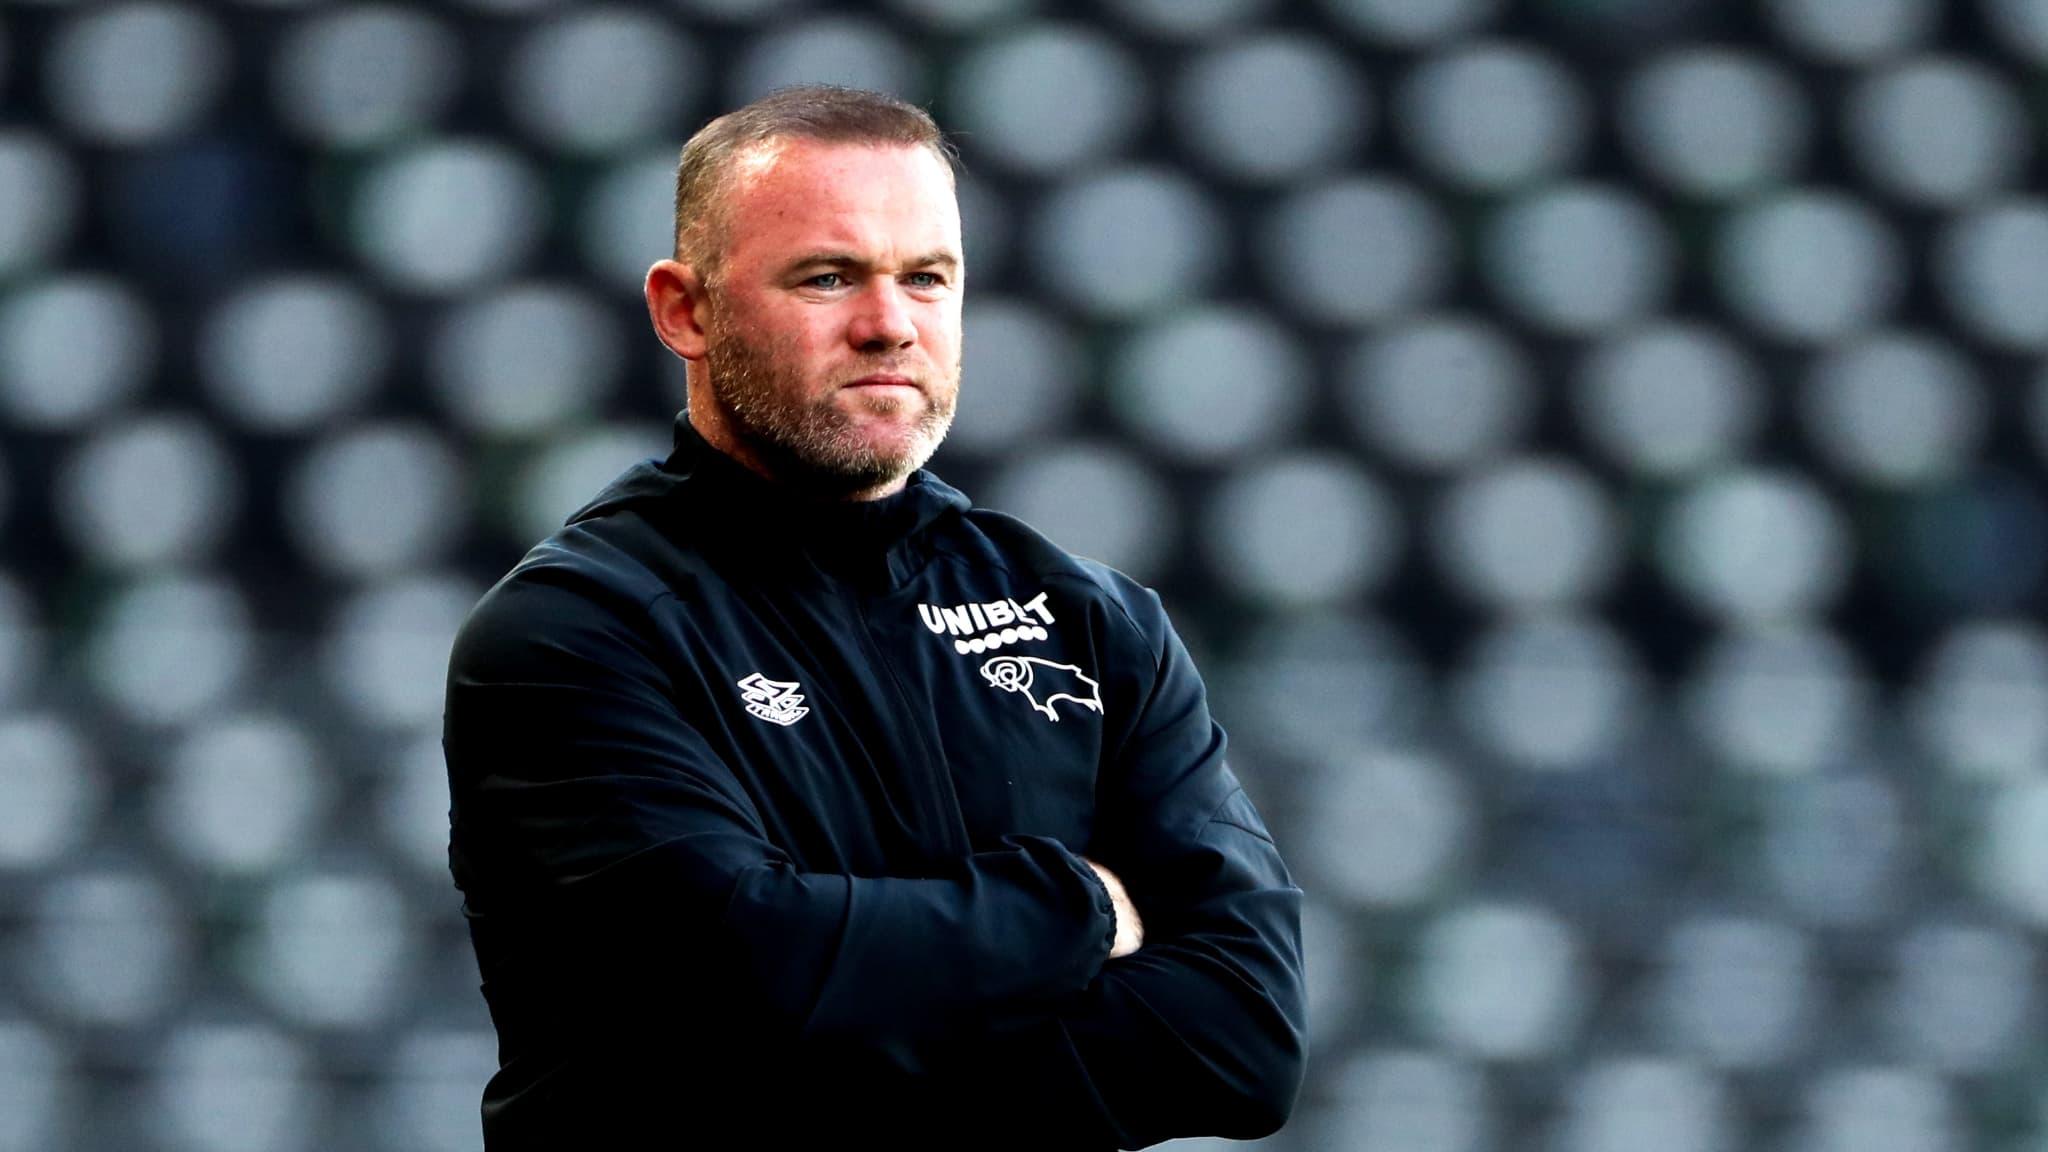 Derby County, entraîné par Wayne Rooney, dépose le bilan